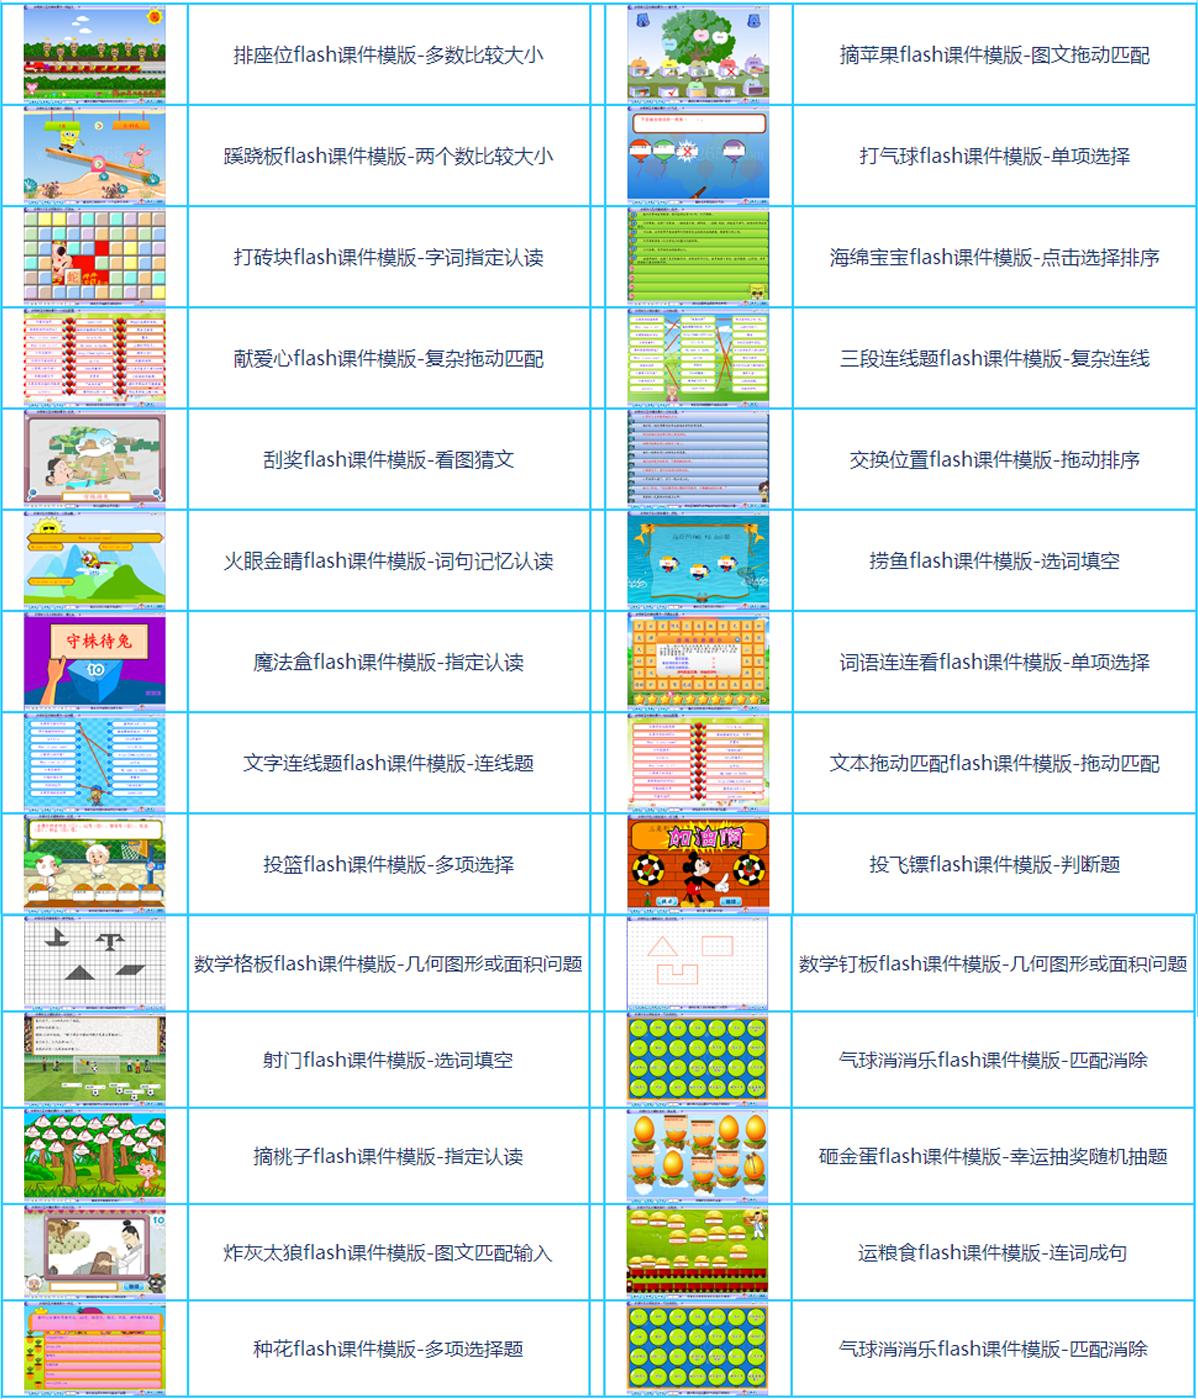 可替换内容的flash游戏课件模版-多学科课件游戏模版(共29套打包)大图